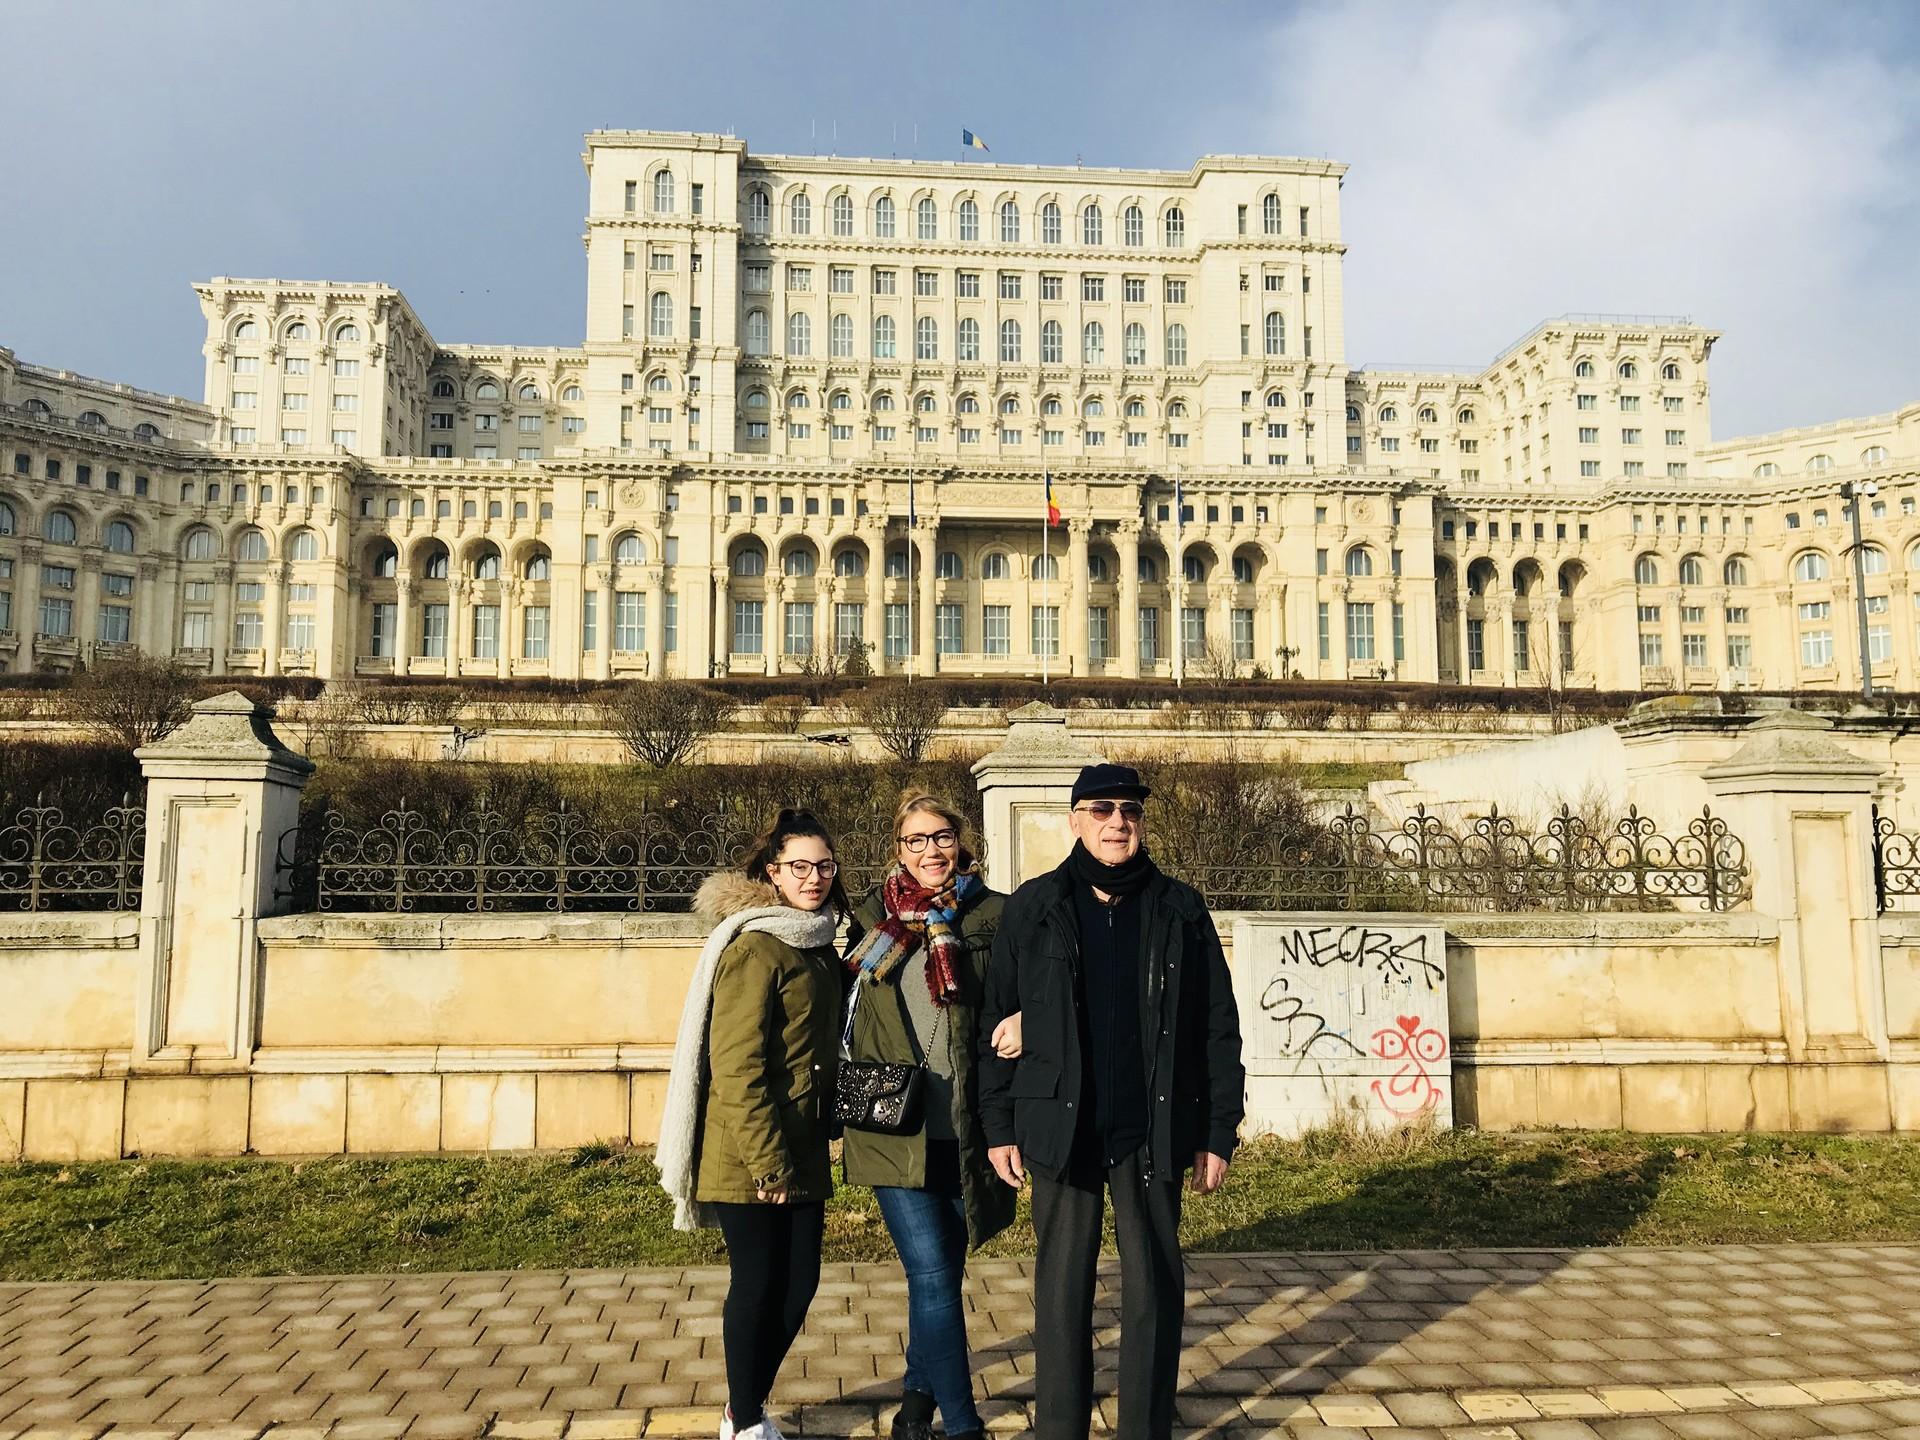 palazzo-parlamento-bucarest-5c385e1566ae